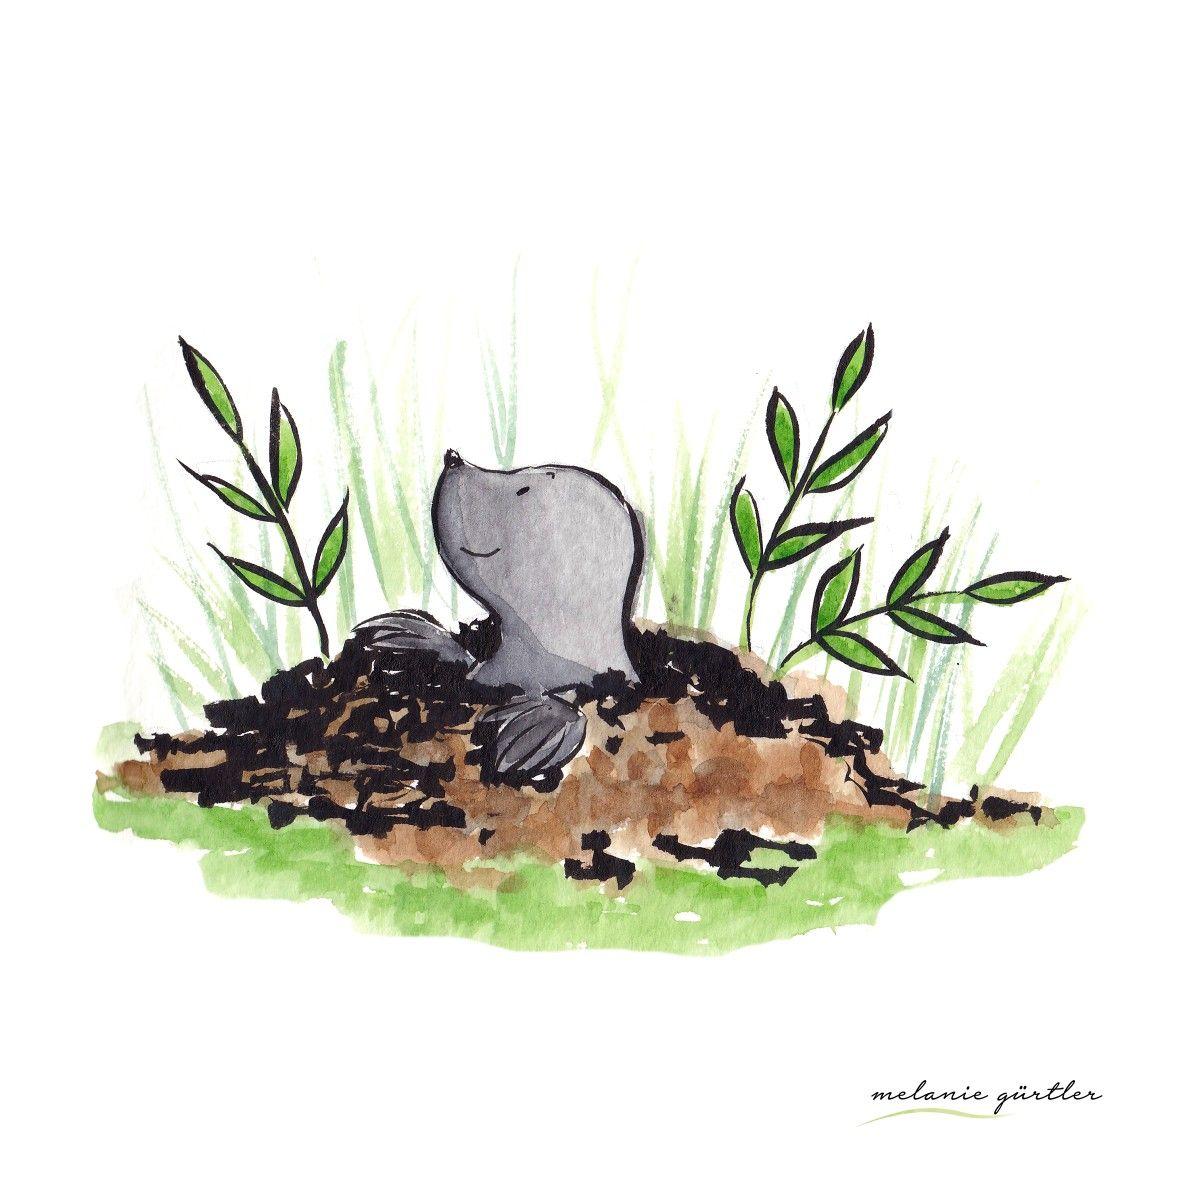 Maulwurf Kinderbuch Illustration Aquarell Melanie Gurtler